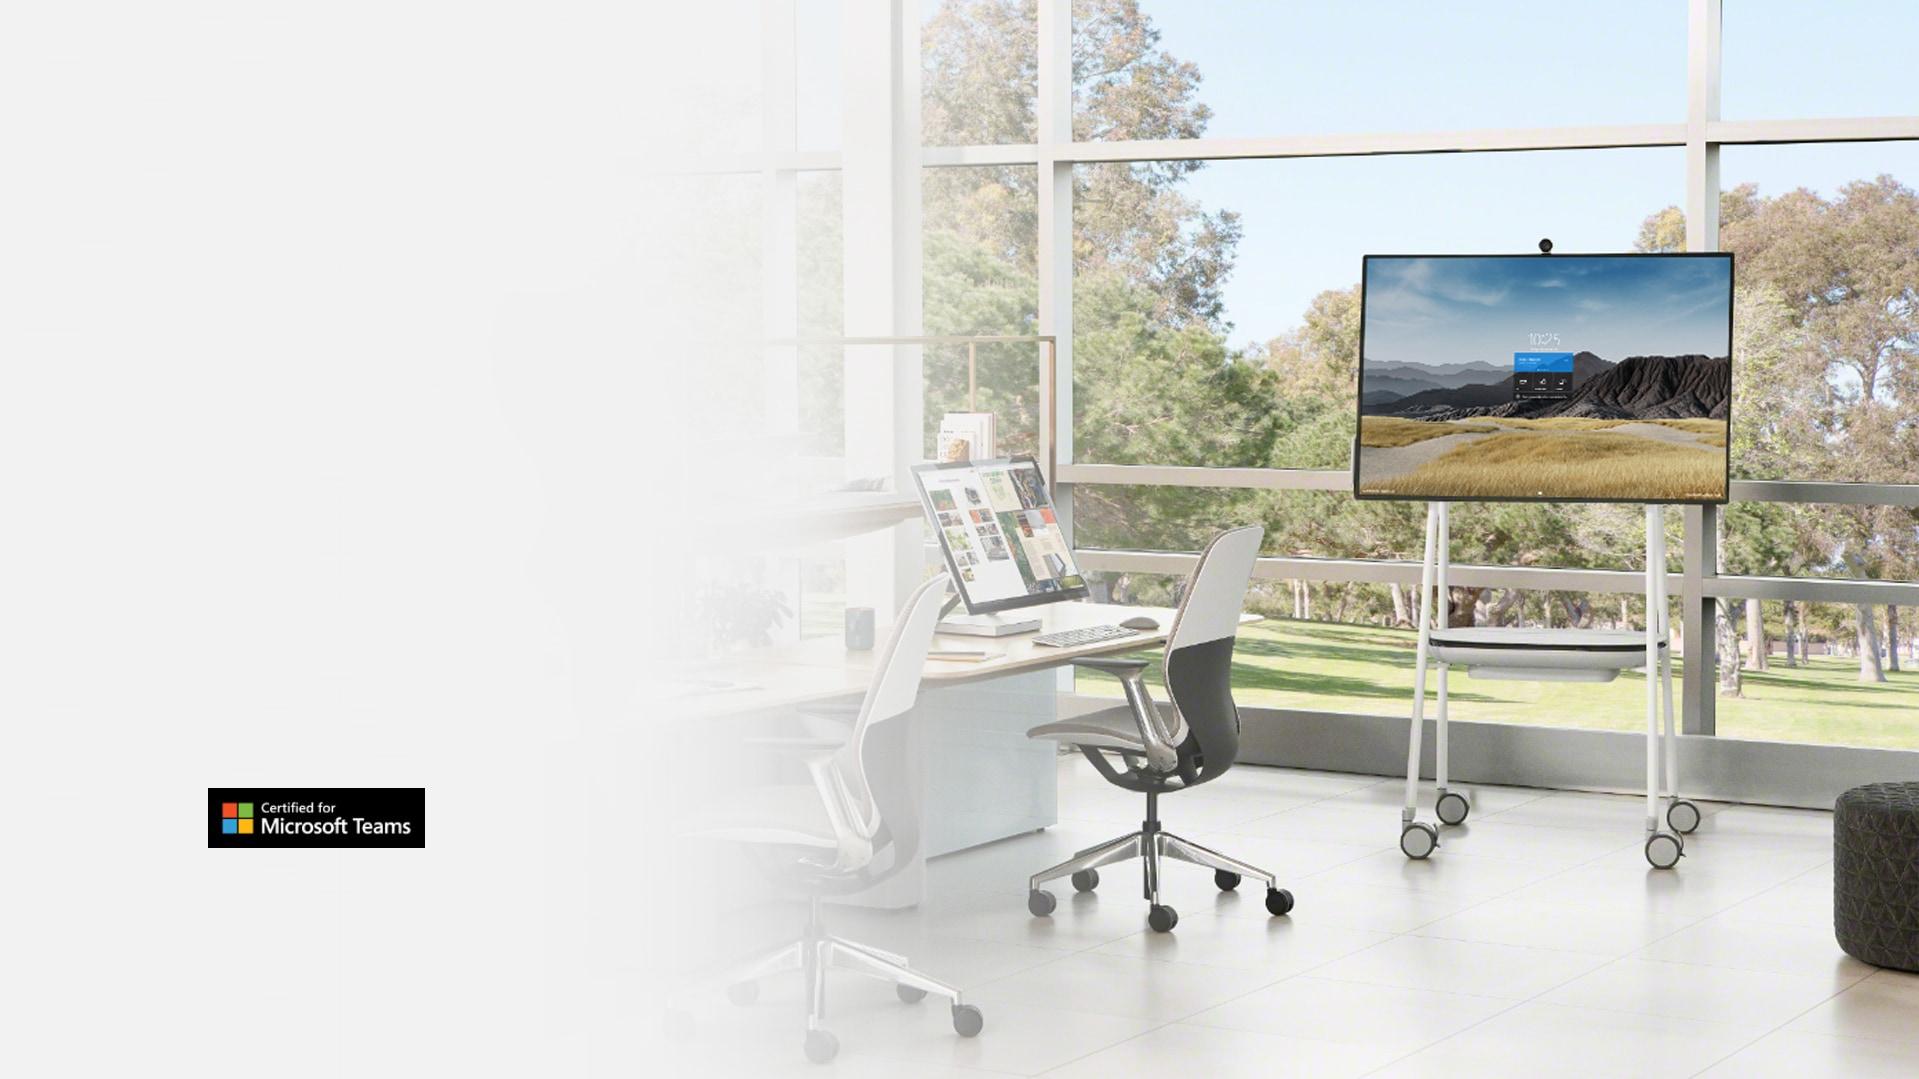 Surface Hub 2S dalam saiz 50 inci sedang ditunjukkan di dalam persekitaran pejabat